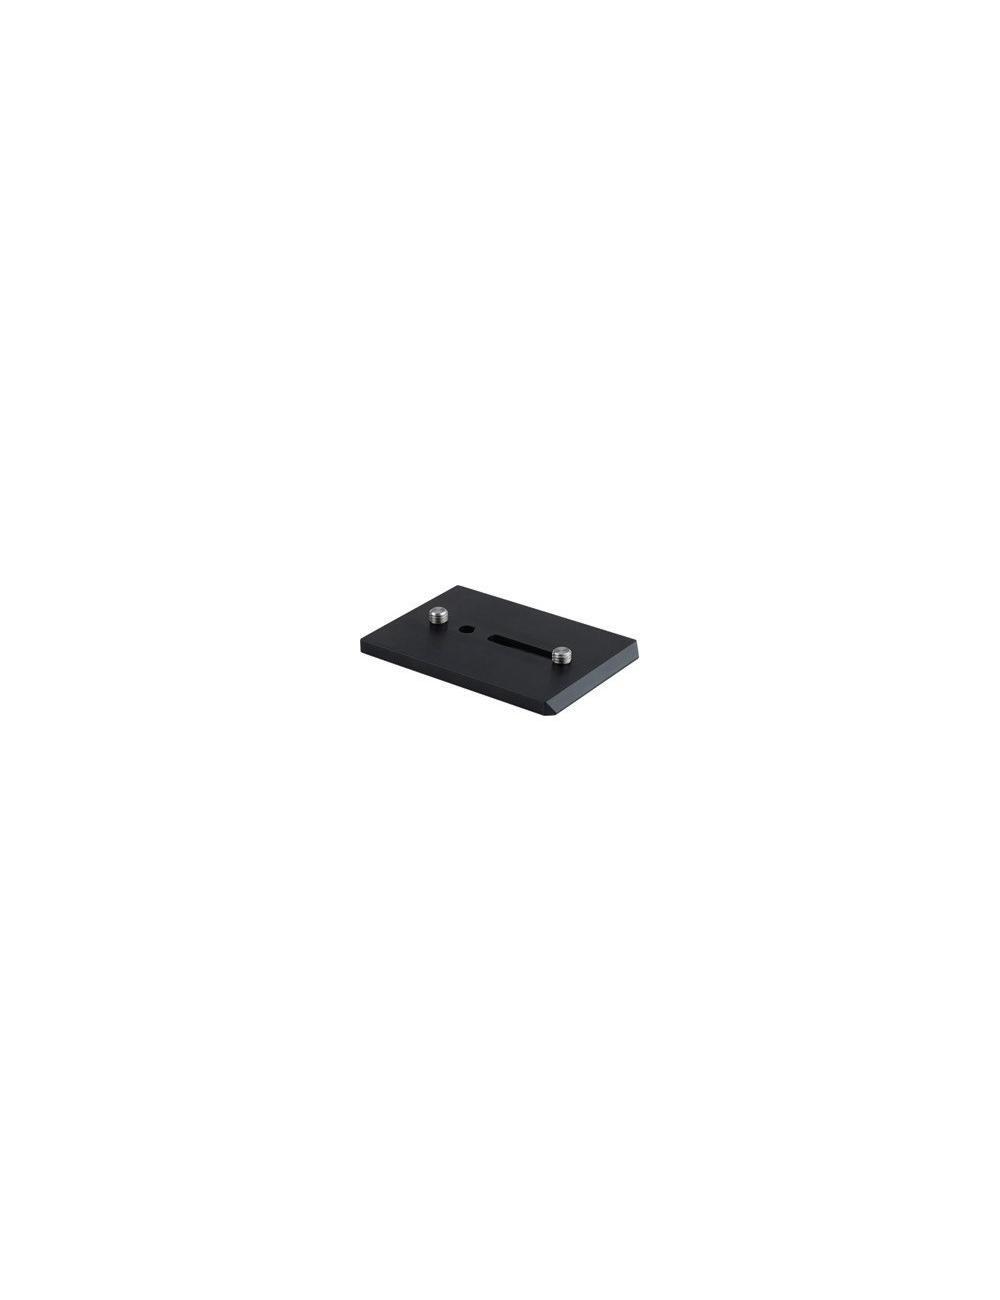 Vinten - Placa de cámara EFP QUICKFIT con 2 tornillos 3/8